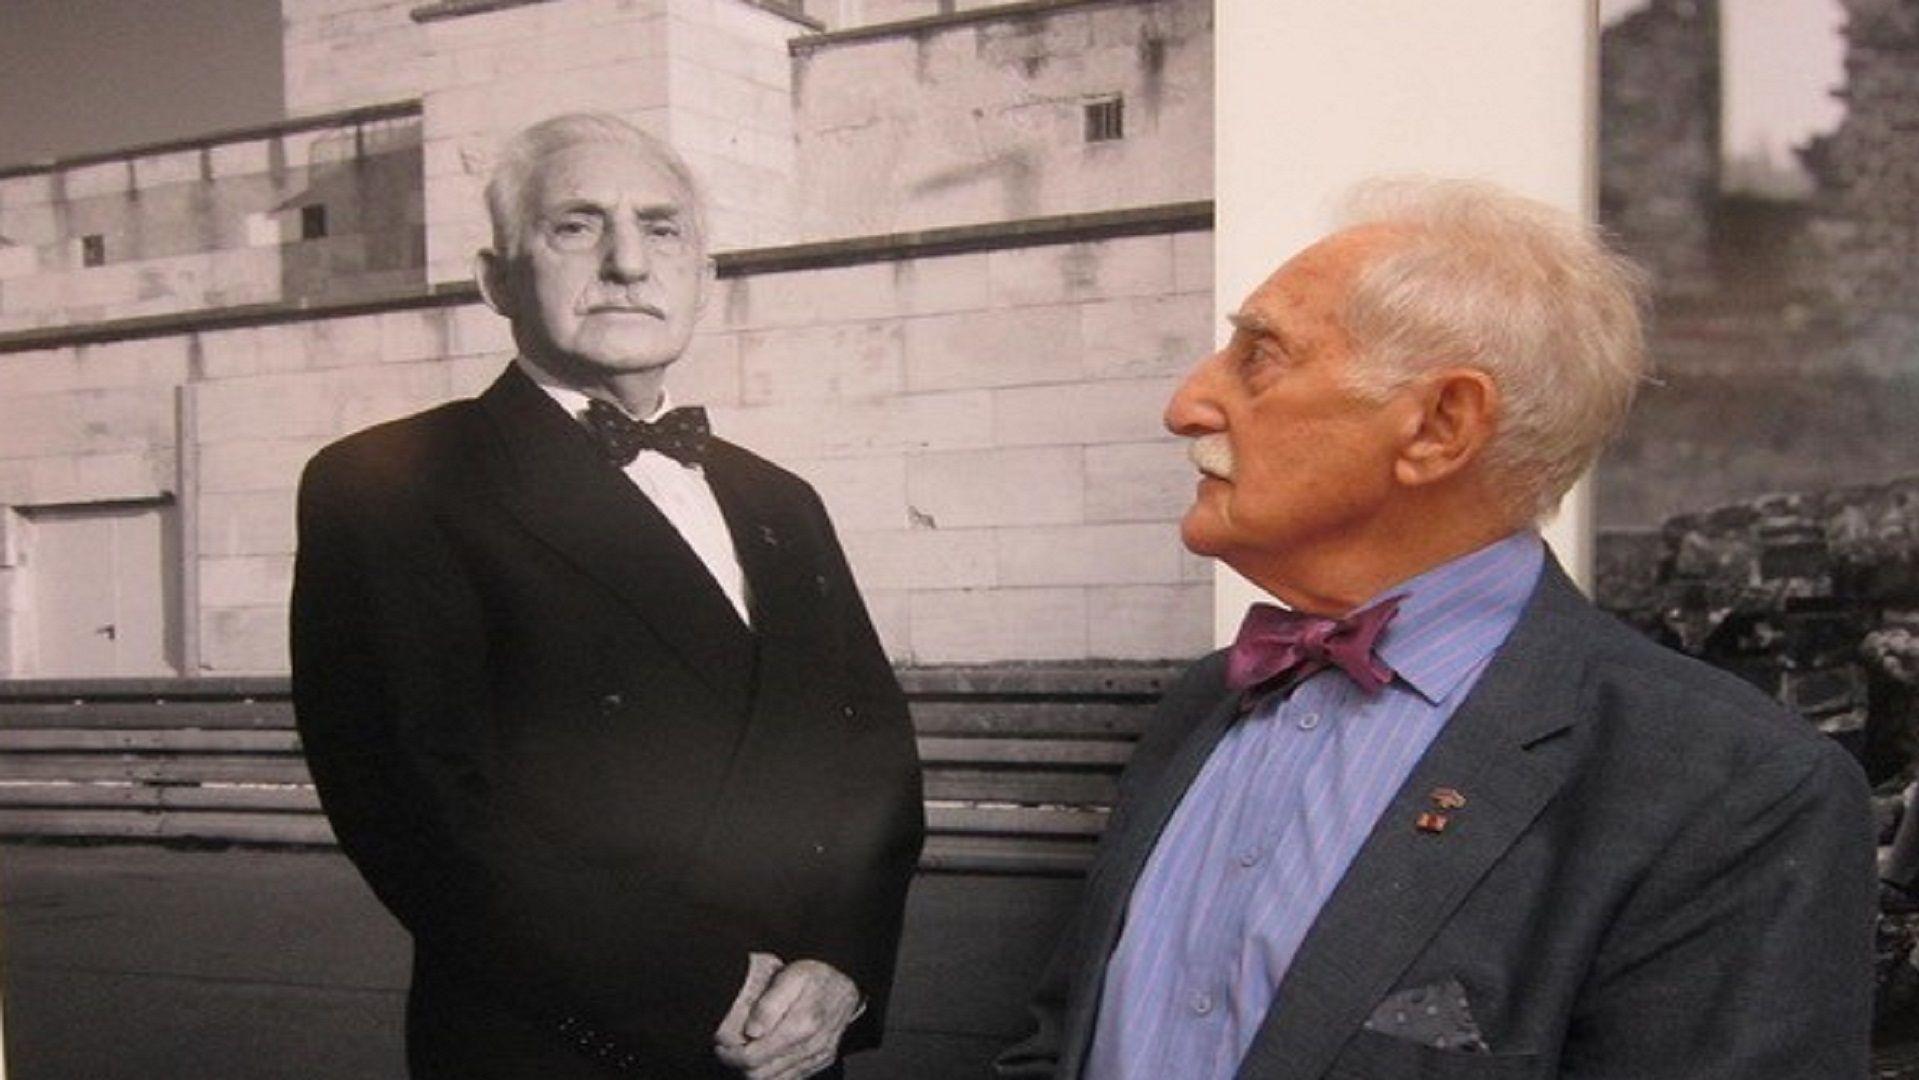 Portret w Norymberdze, 2014 rok. Wystawa Stefana Hanke w Monachium.